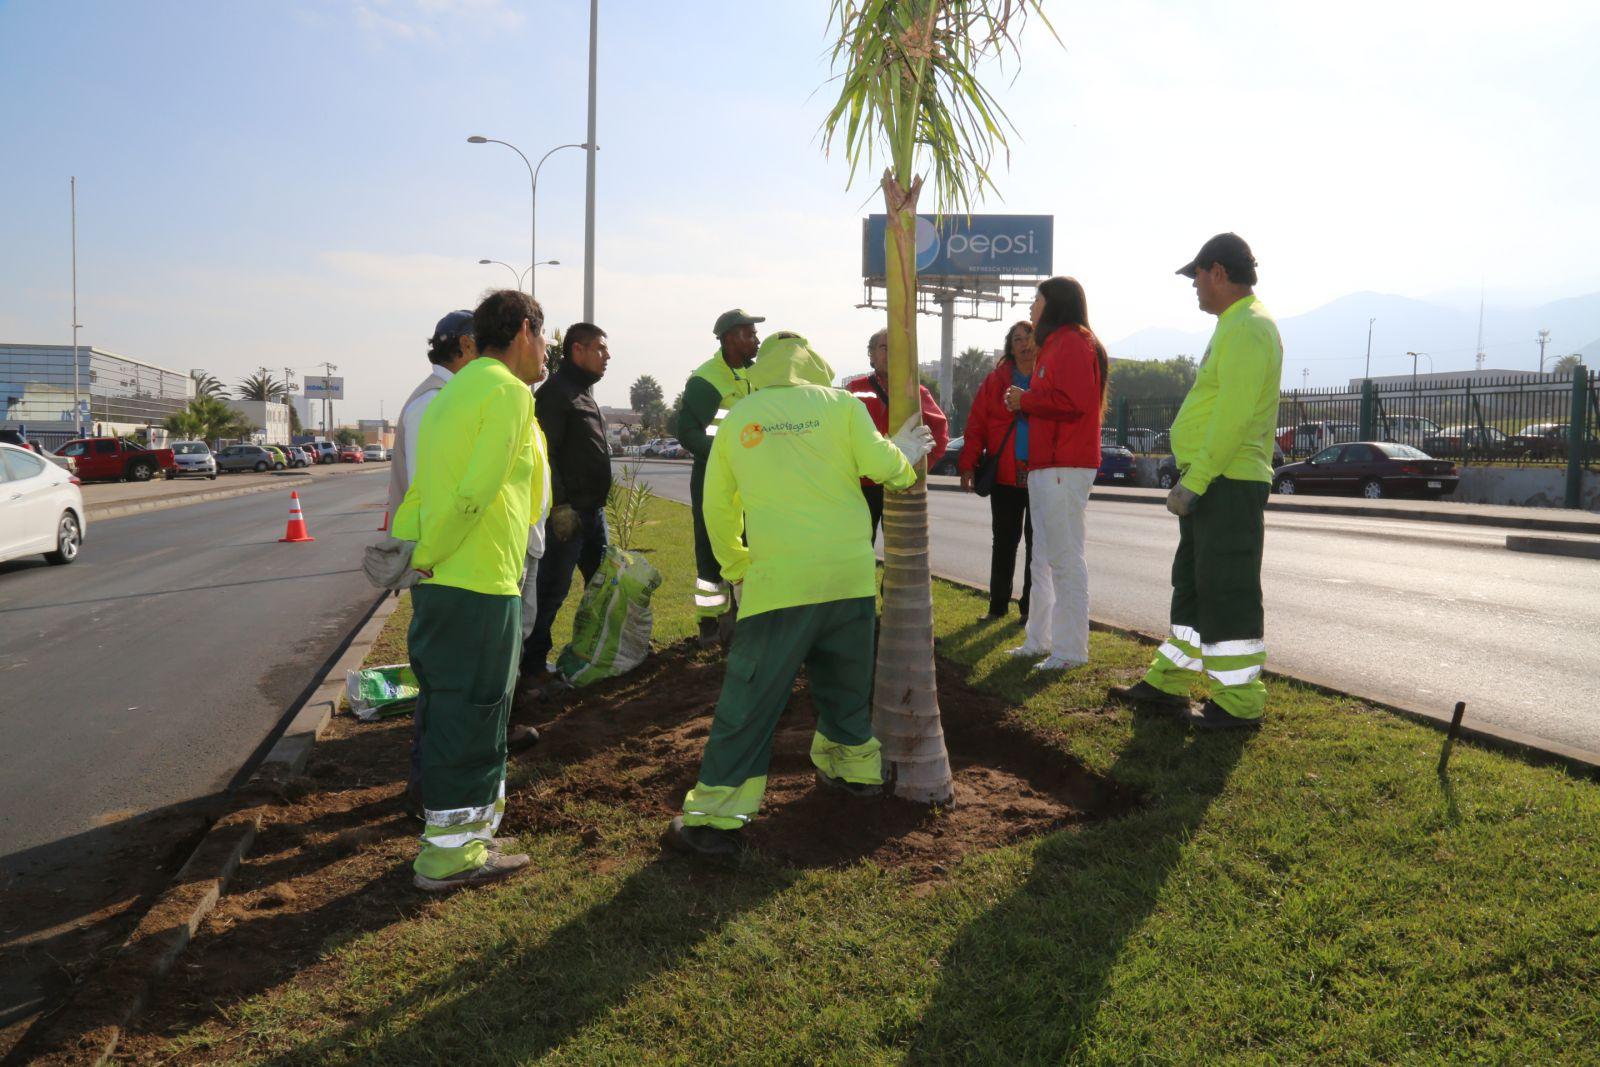 sigue-aumentando-las-areas-verdes-40-palmeras-estan-siendo-plantadas-en-diversos-sectores-de-la-comuna